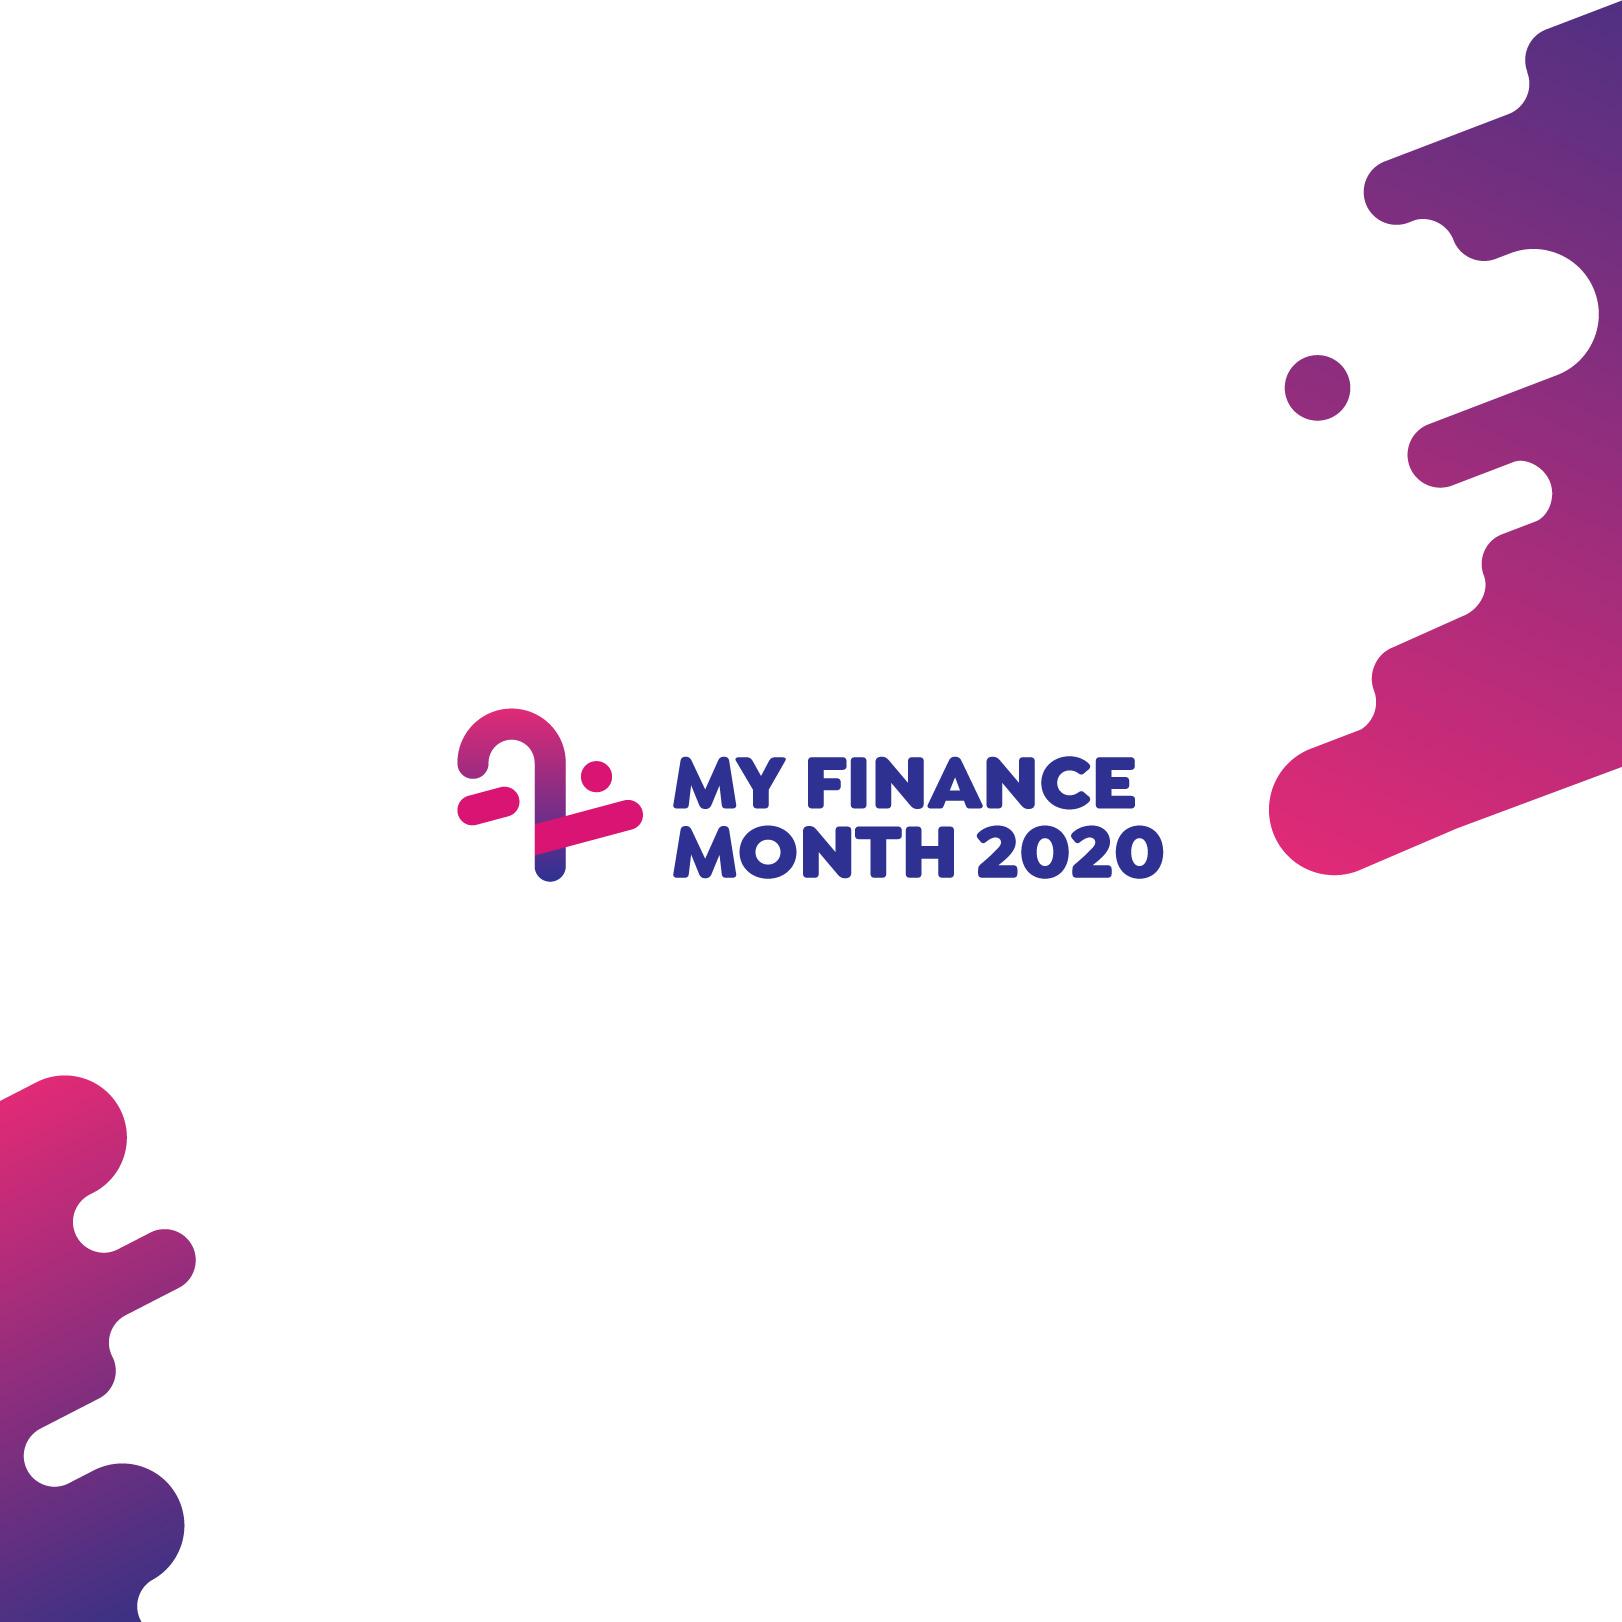 My Finance Month 2020